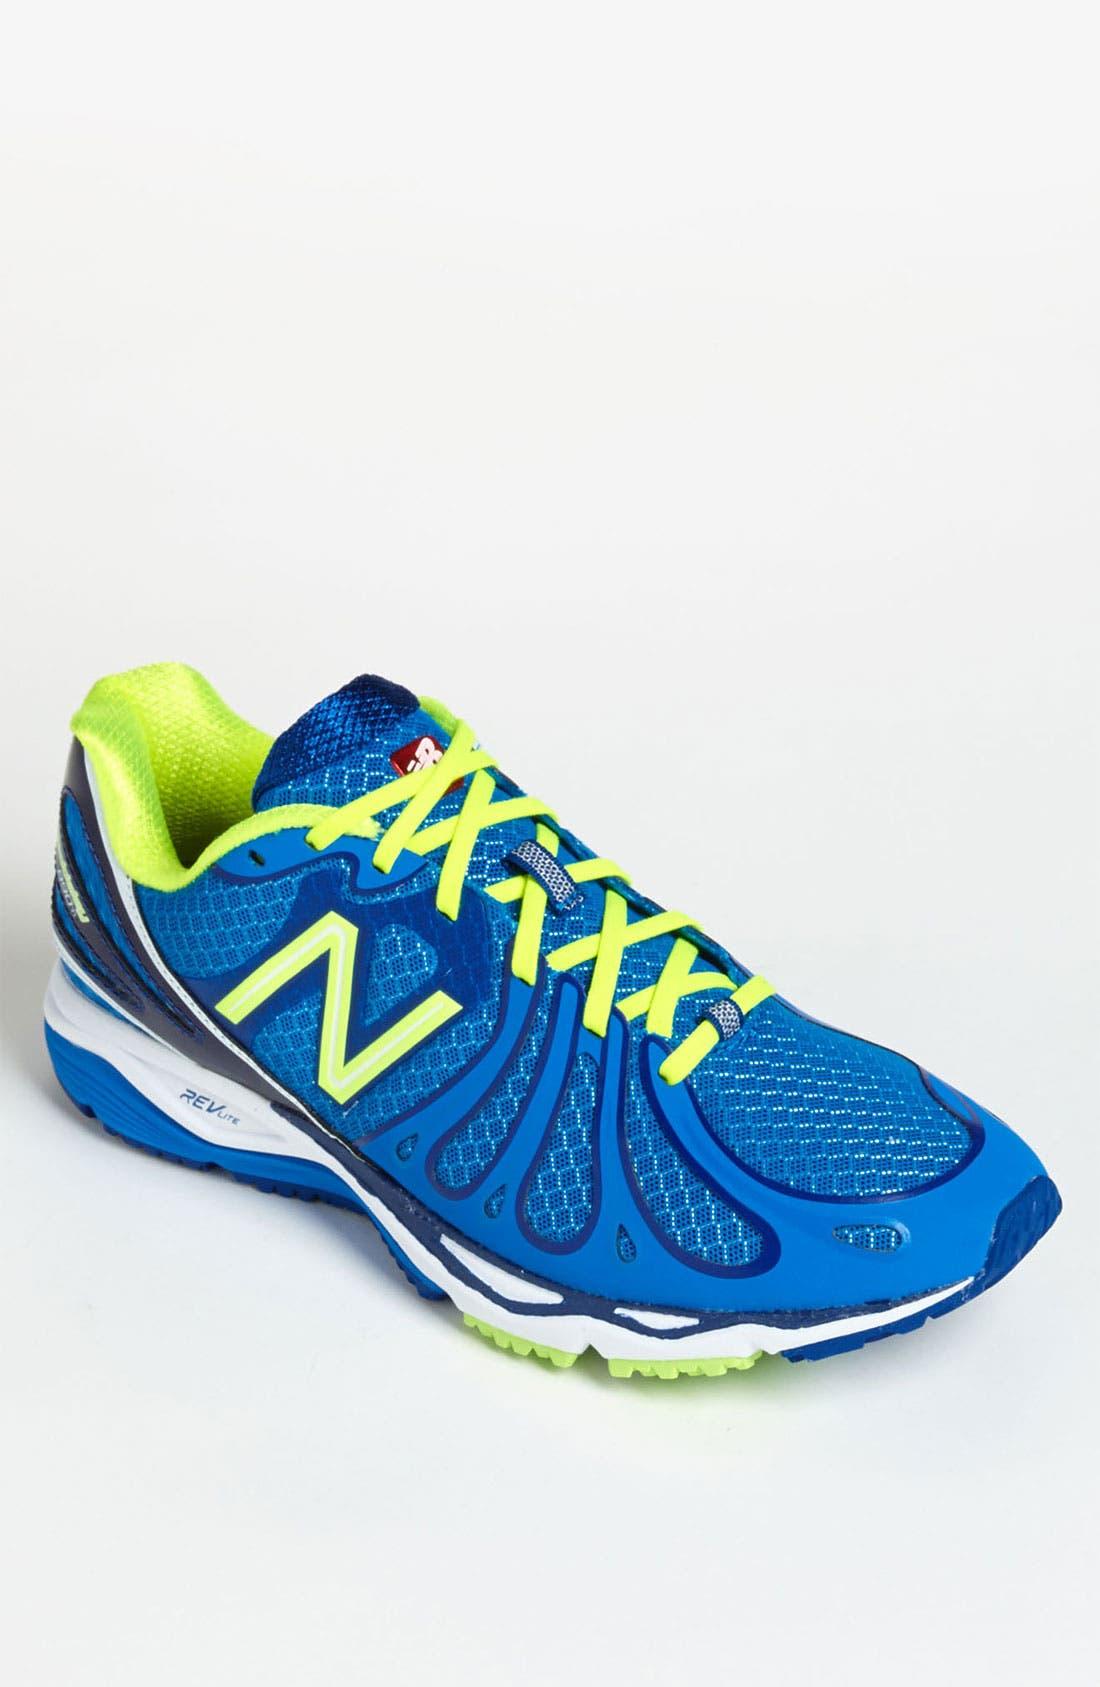 Alternate Image 1 Selected - New Balance '890v3' Running Shoe (Men) (Online Only)